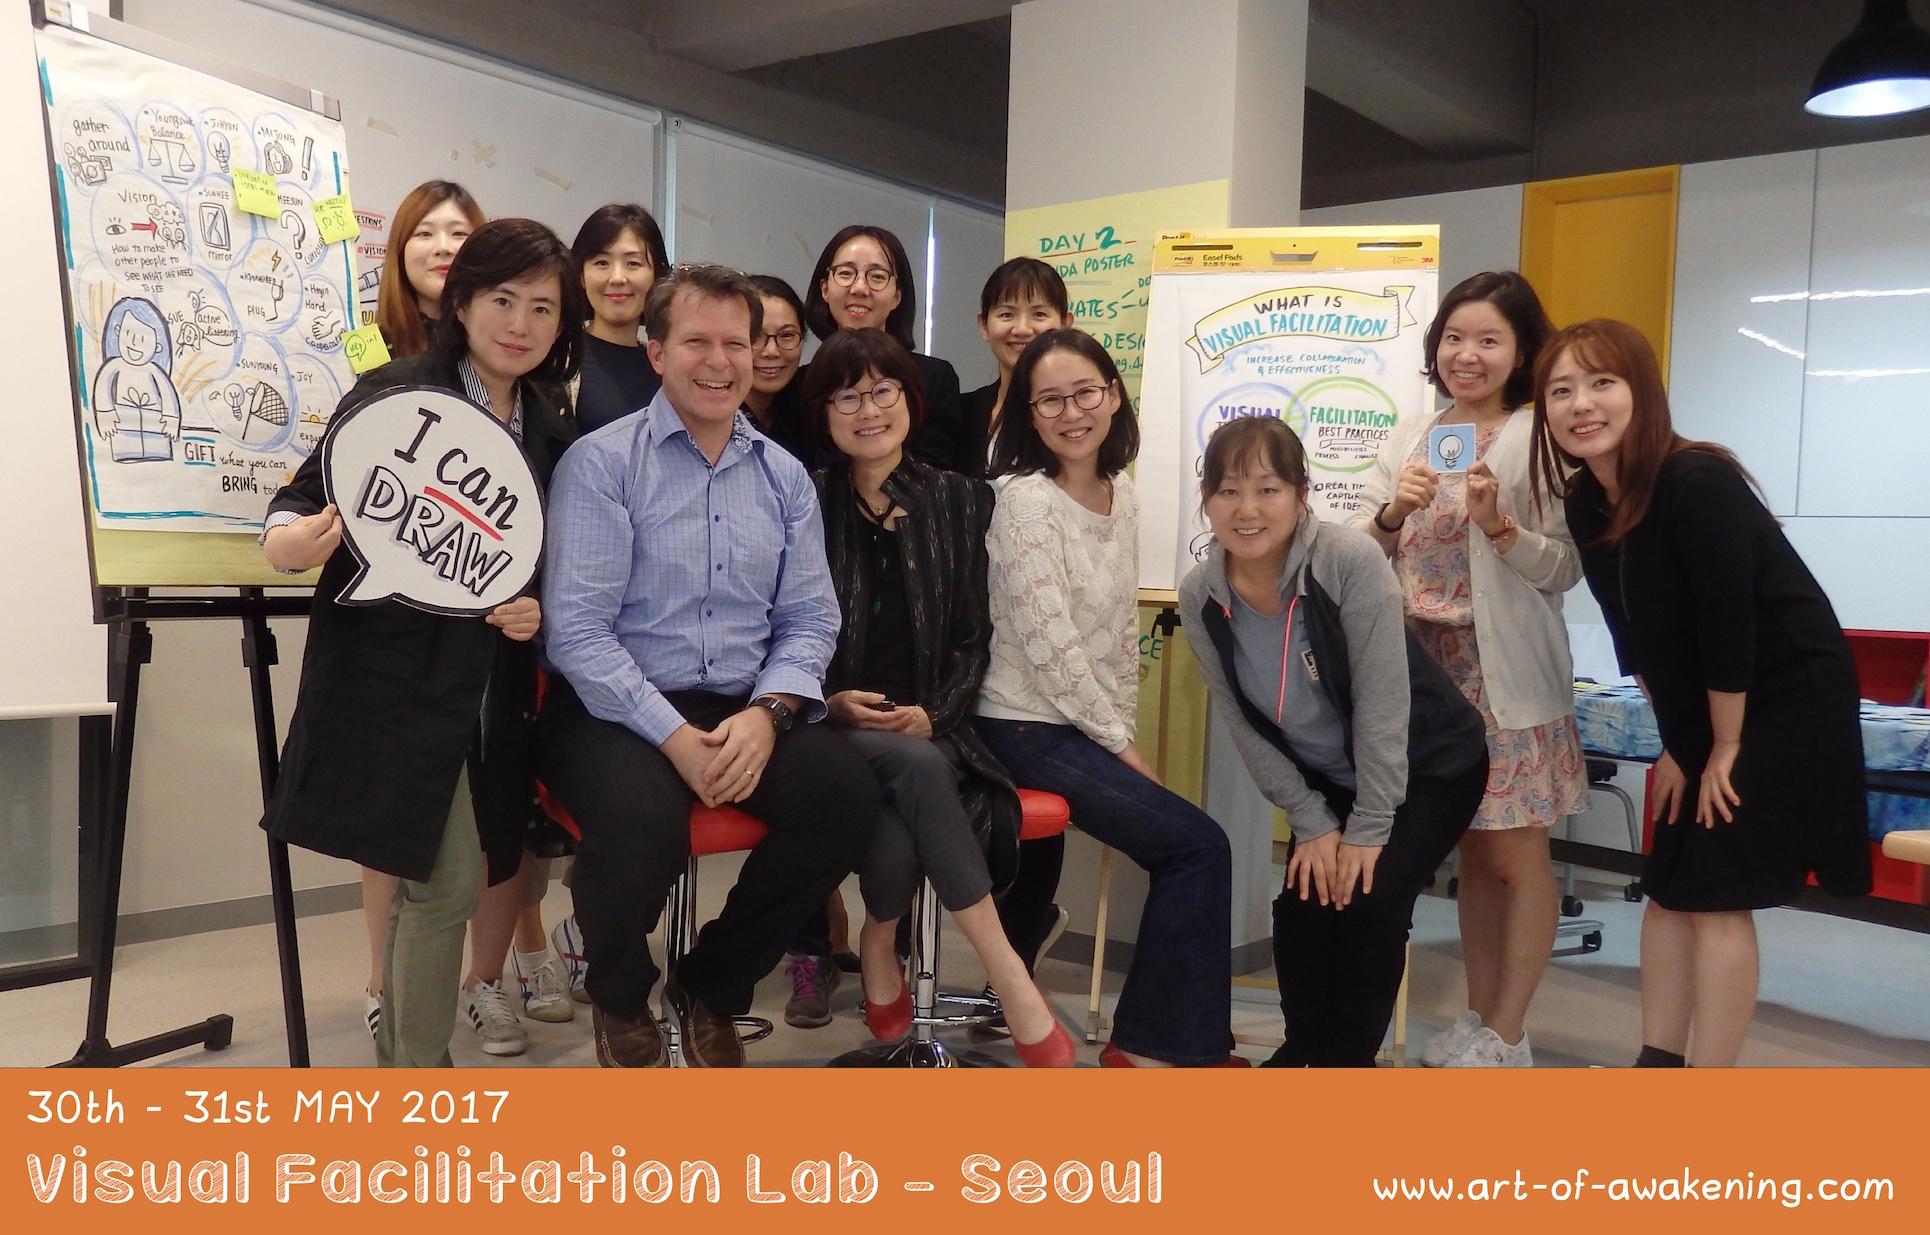 VFL_May17_Seoul